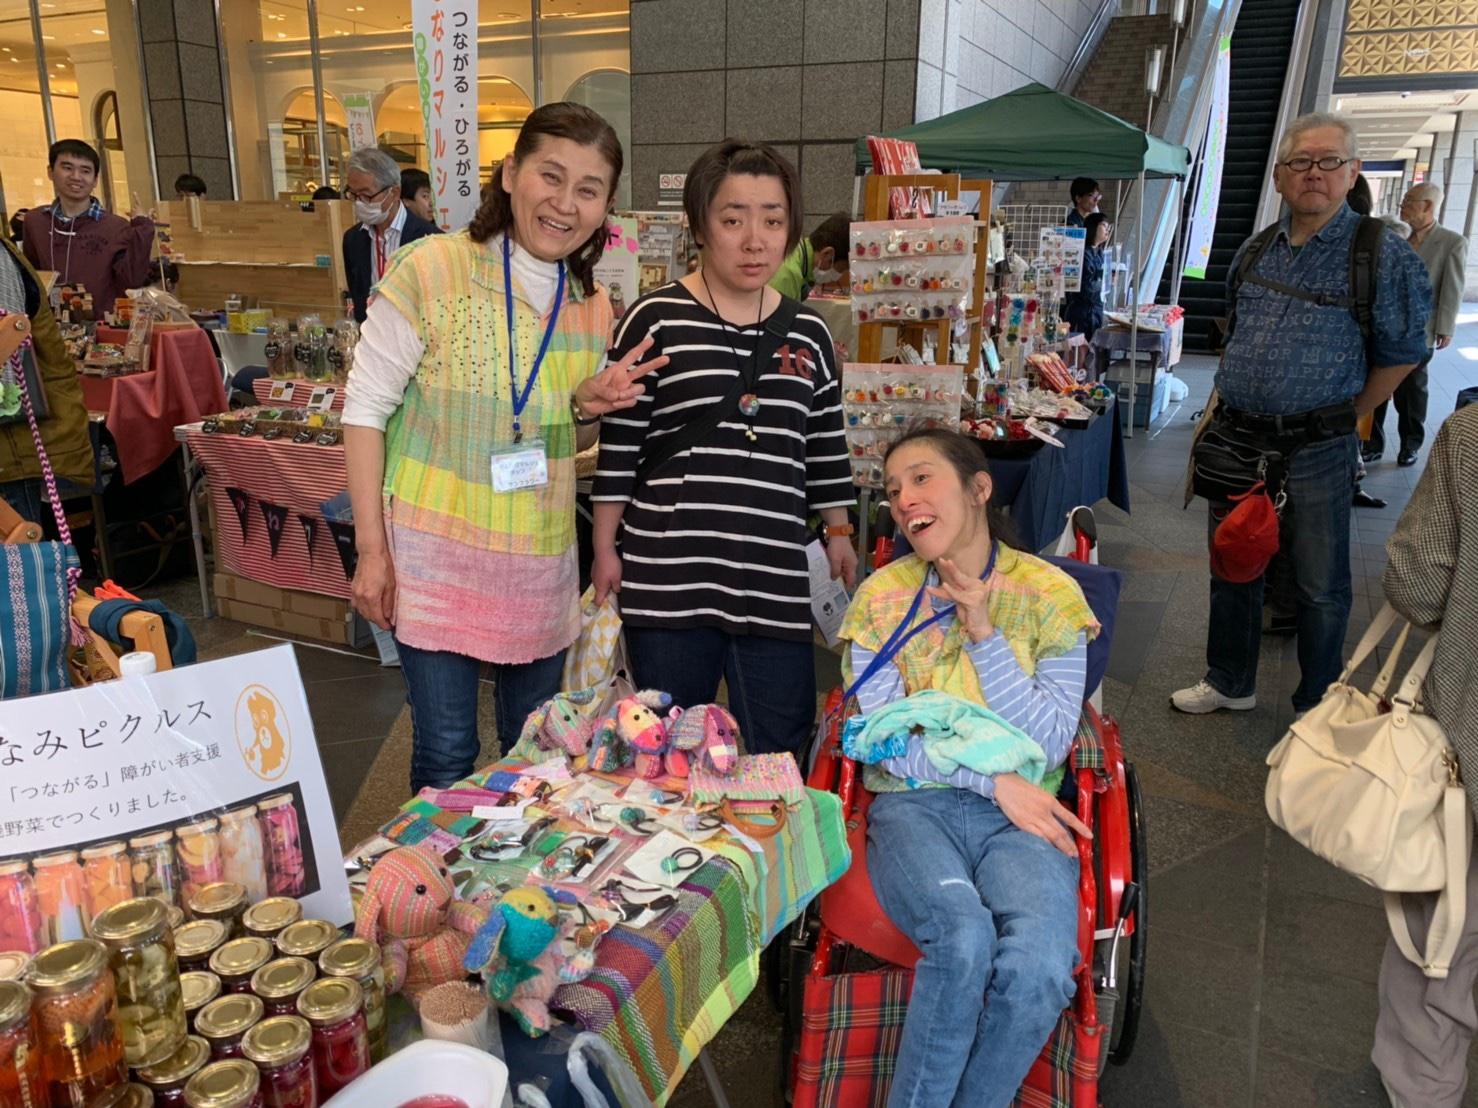 熊本市の障がい者マルシェに参加してきました。